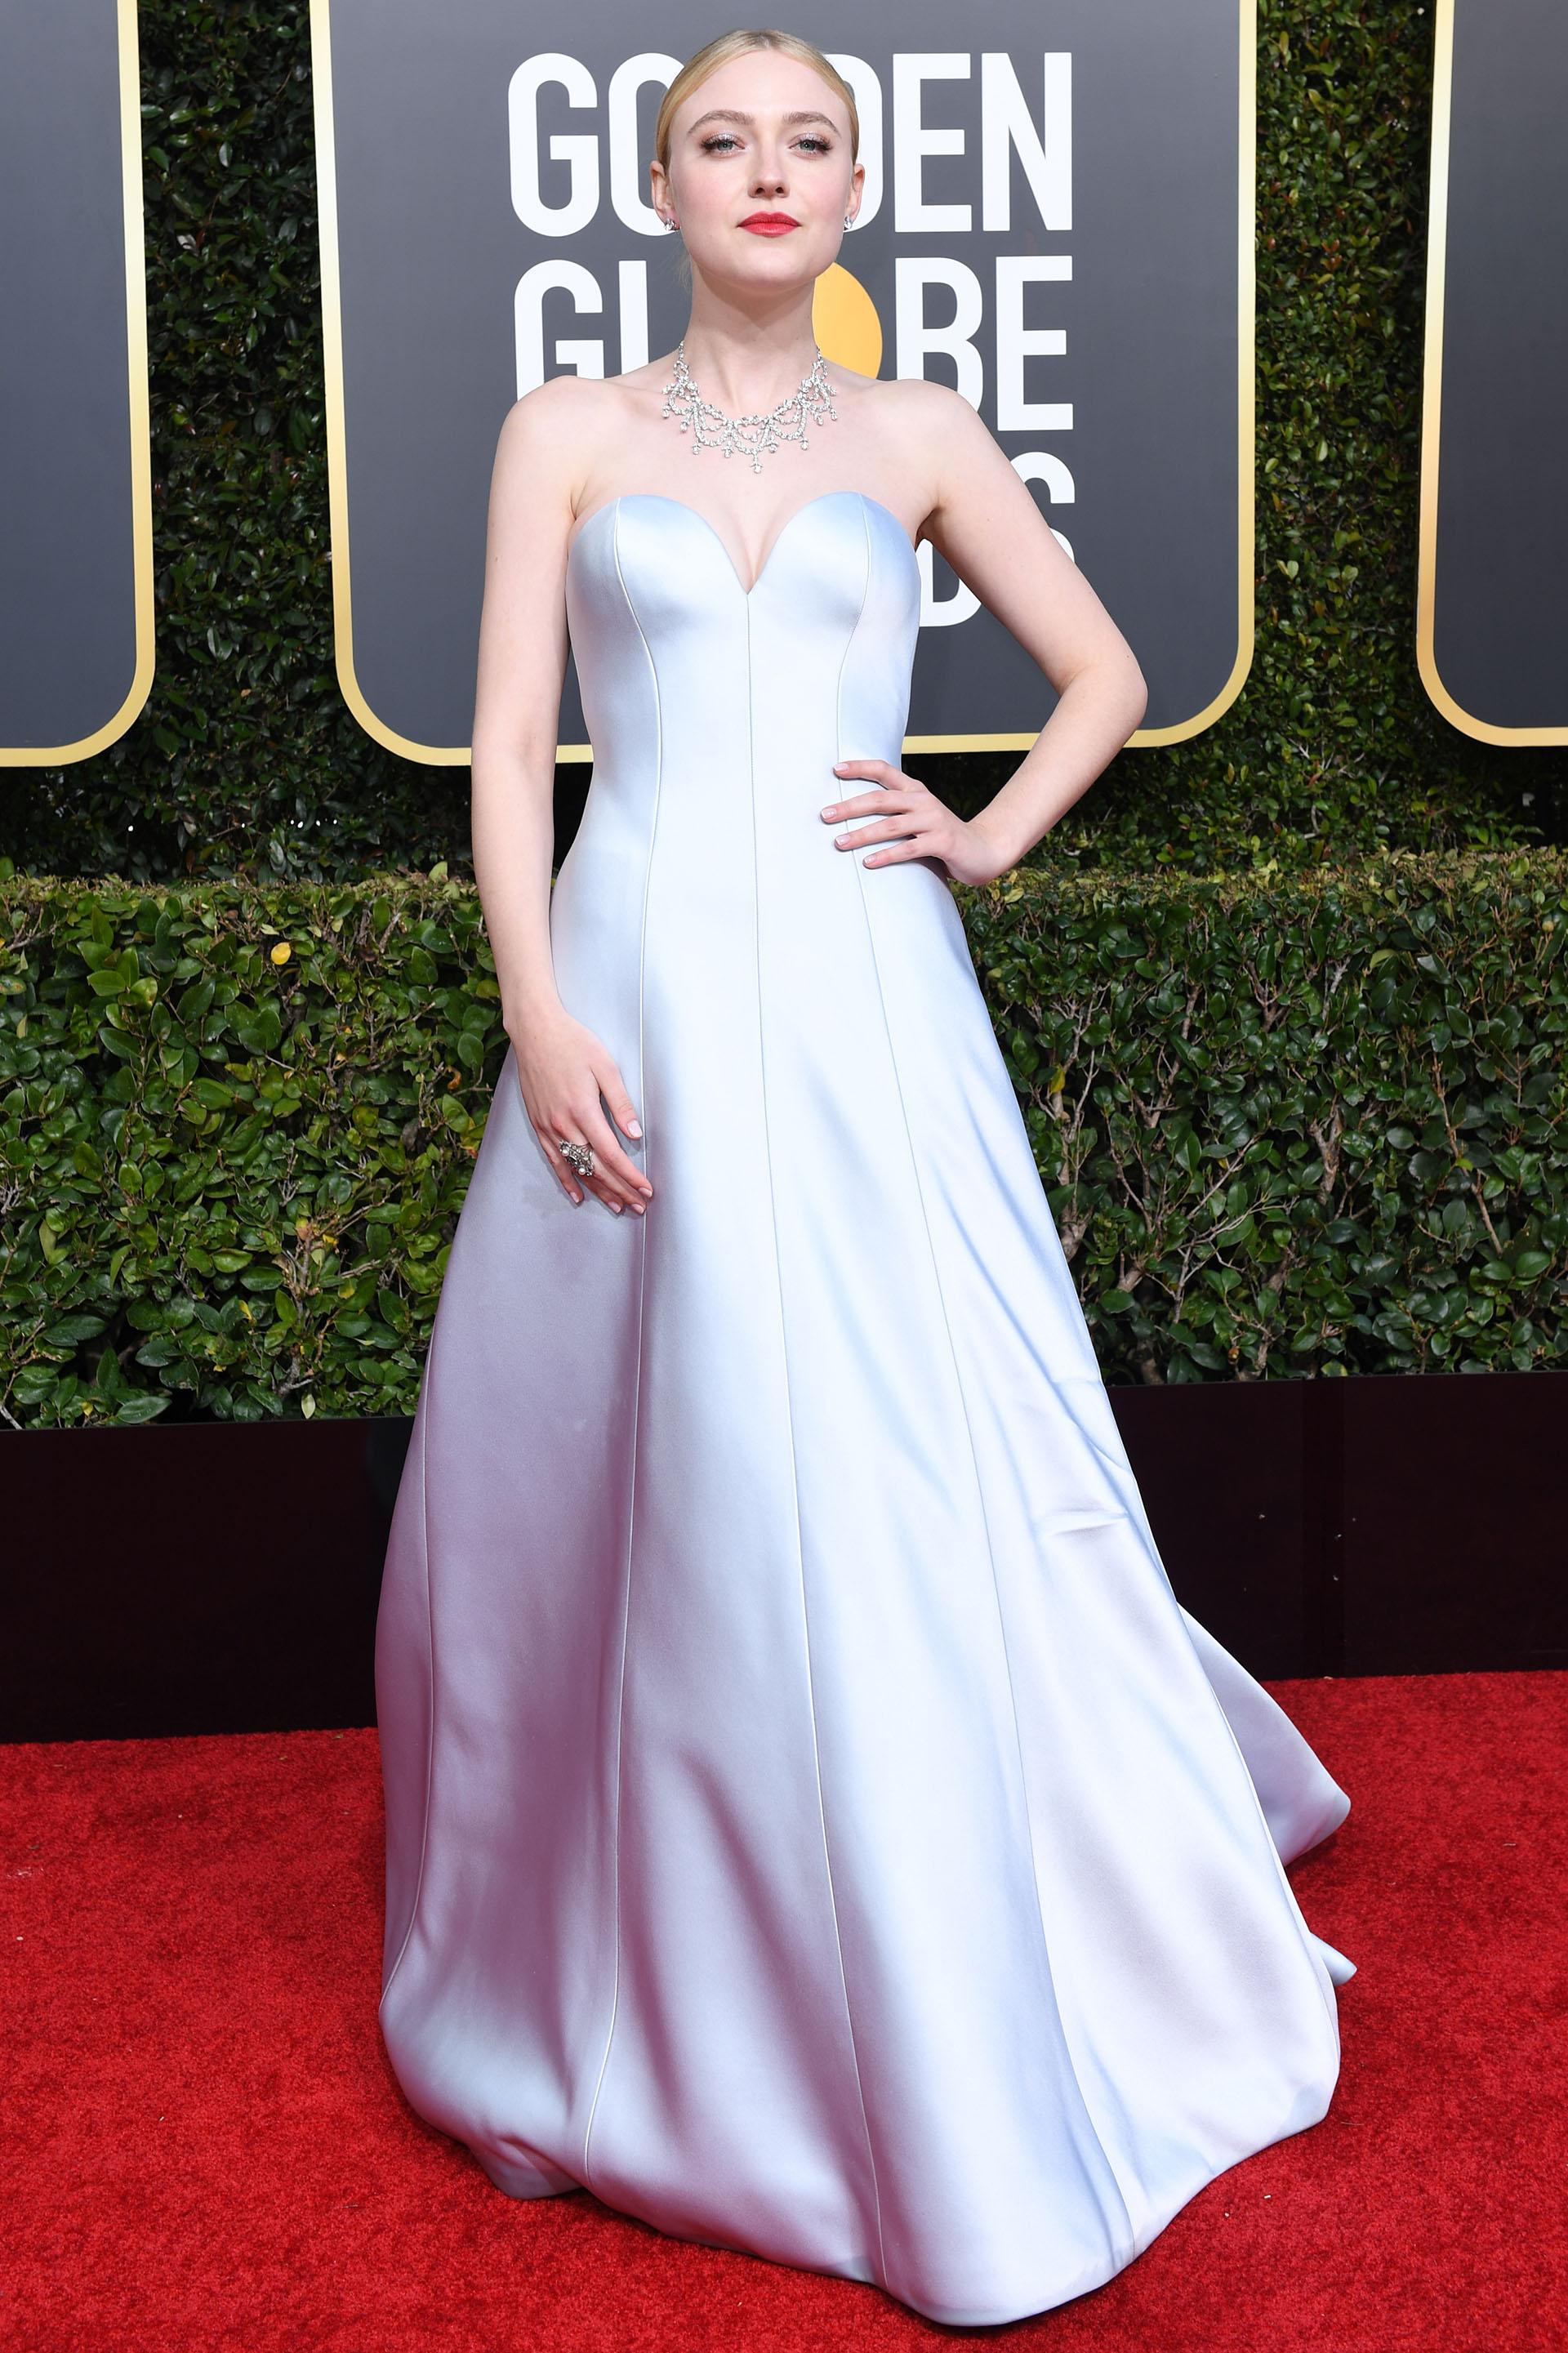 Dakota Fanning impactó con su look en la red carpet de los Golden Globes con su total white look. Escote corazón y delicadas joyas de brillantes. ¿Su beauty look? Cabello tirante y labios colorados